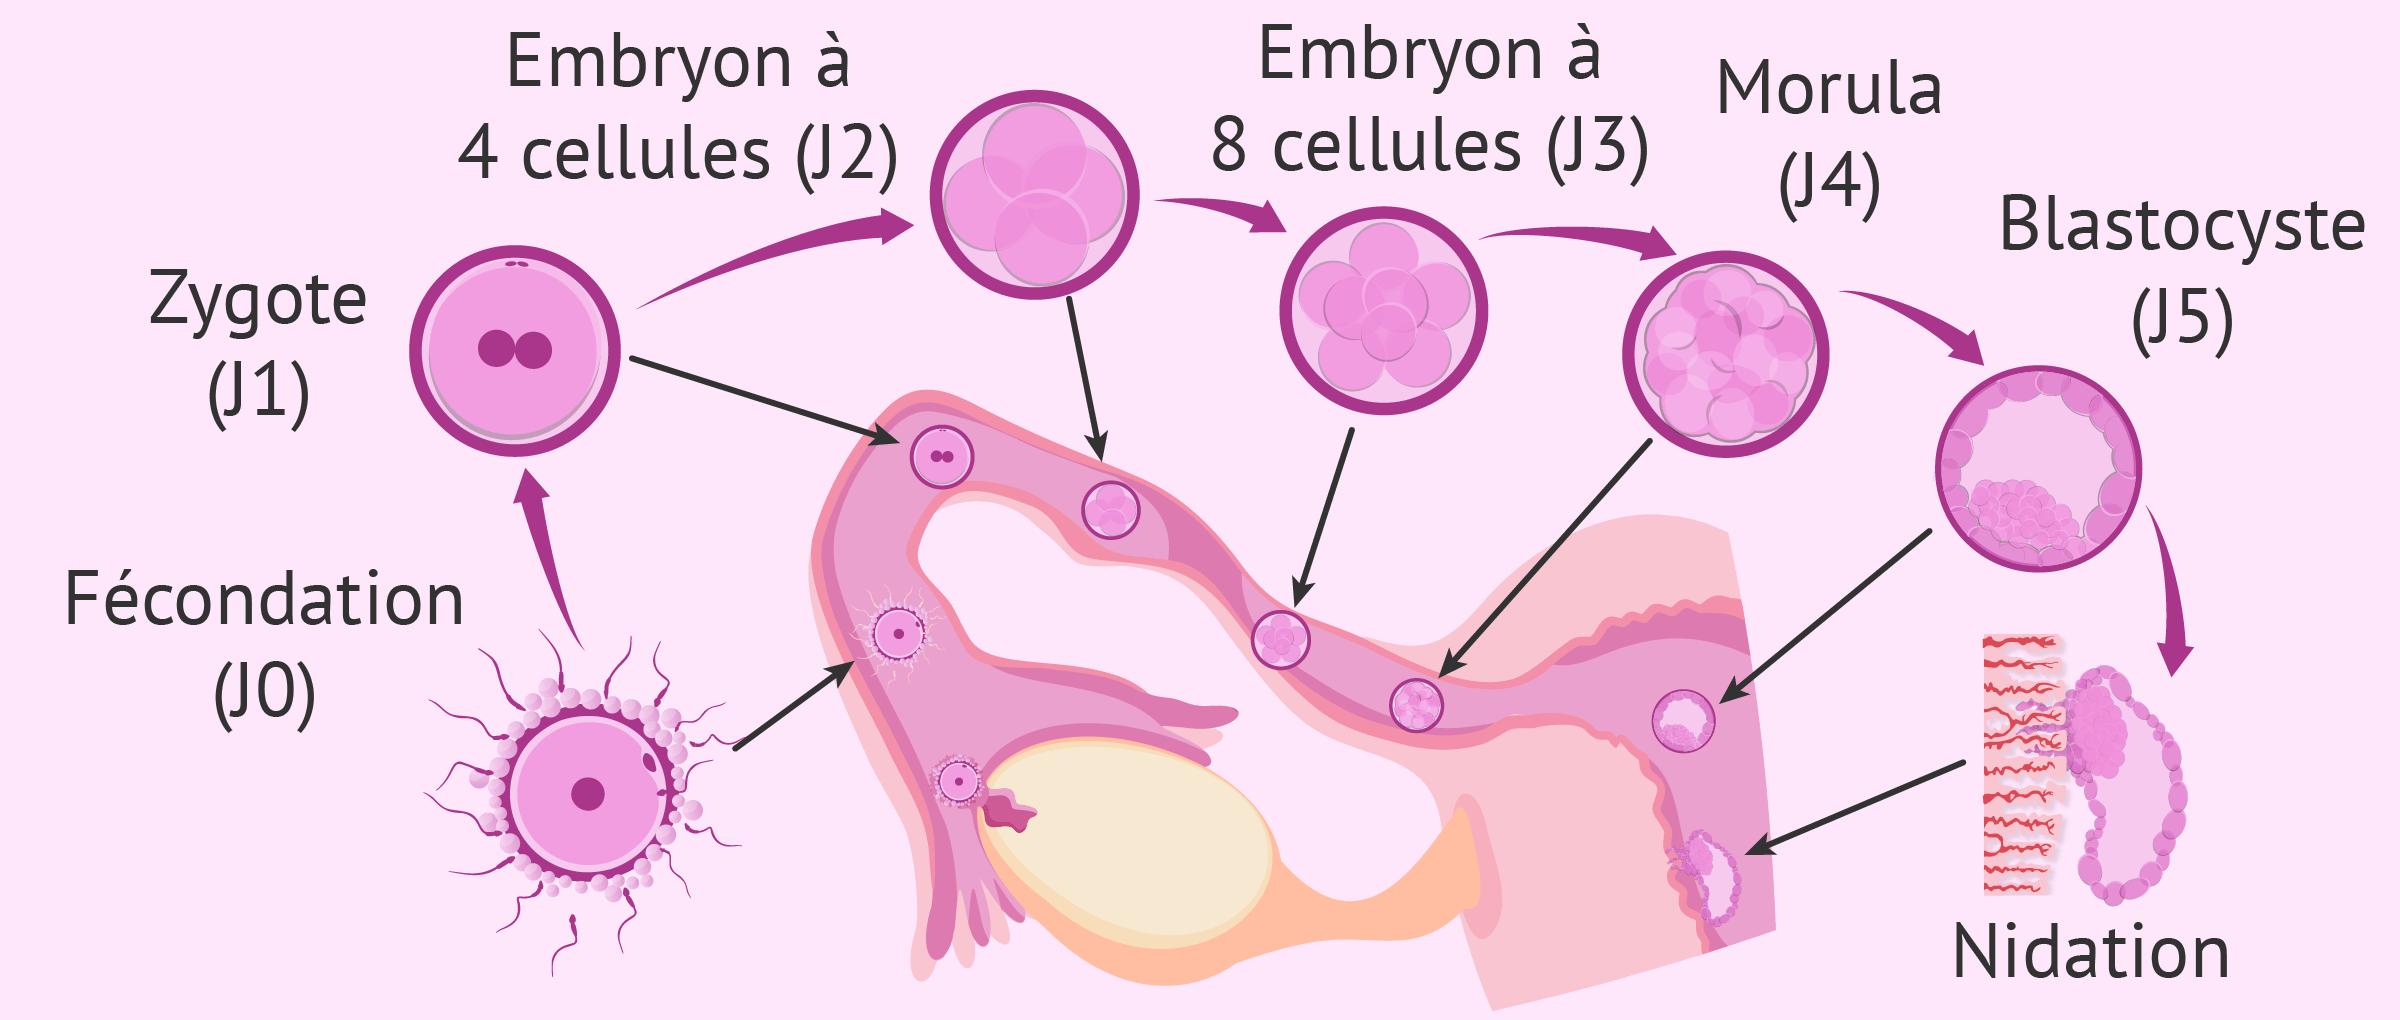 Fécondation et développement embryonnaire à la troisième semaine